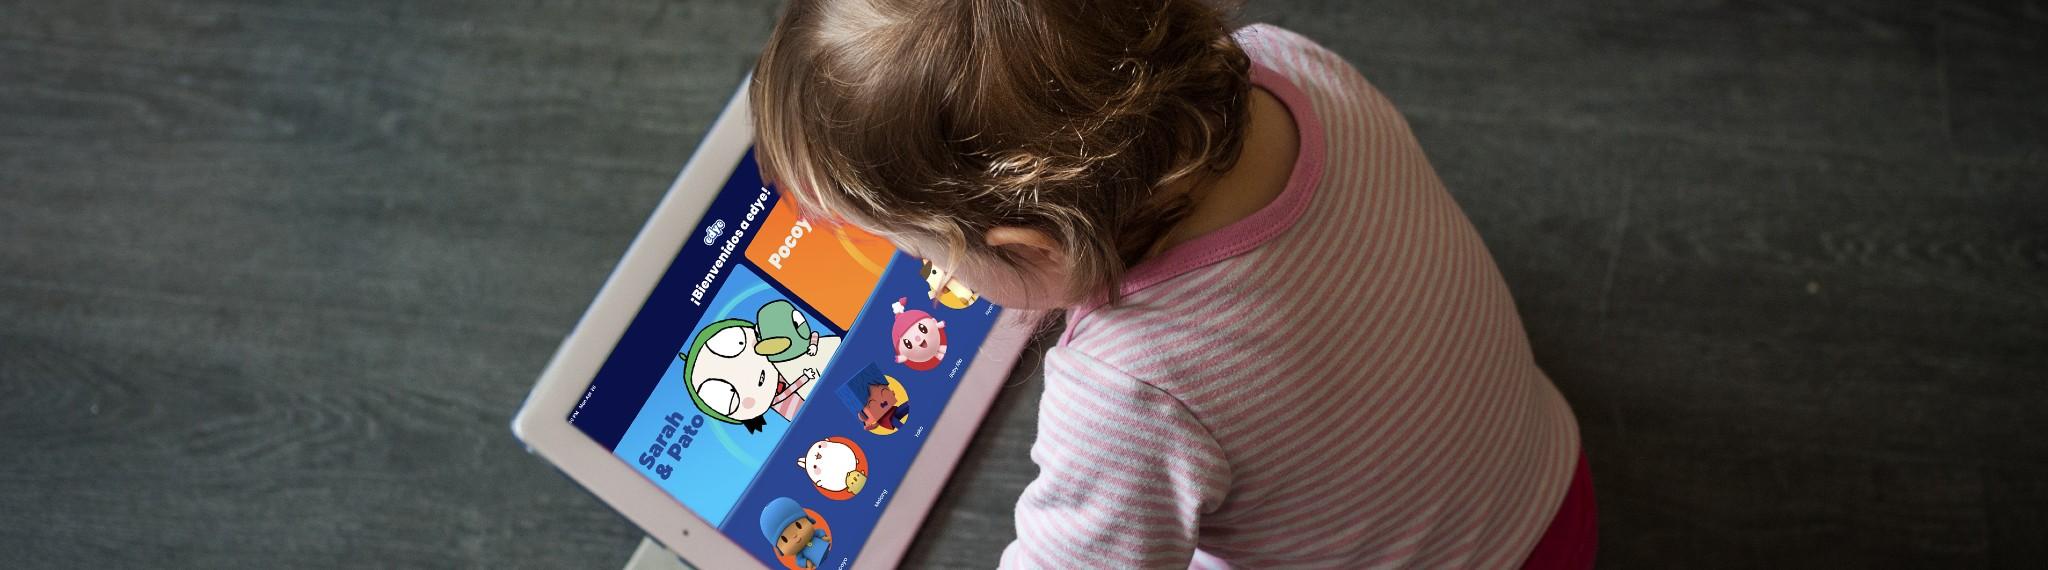 Uso saludable de la tecnología en niños y adolescentes